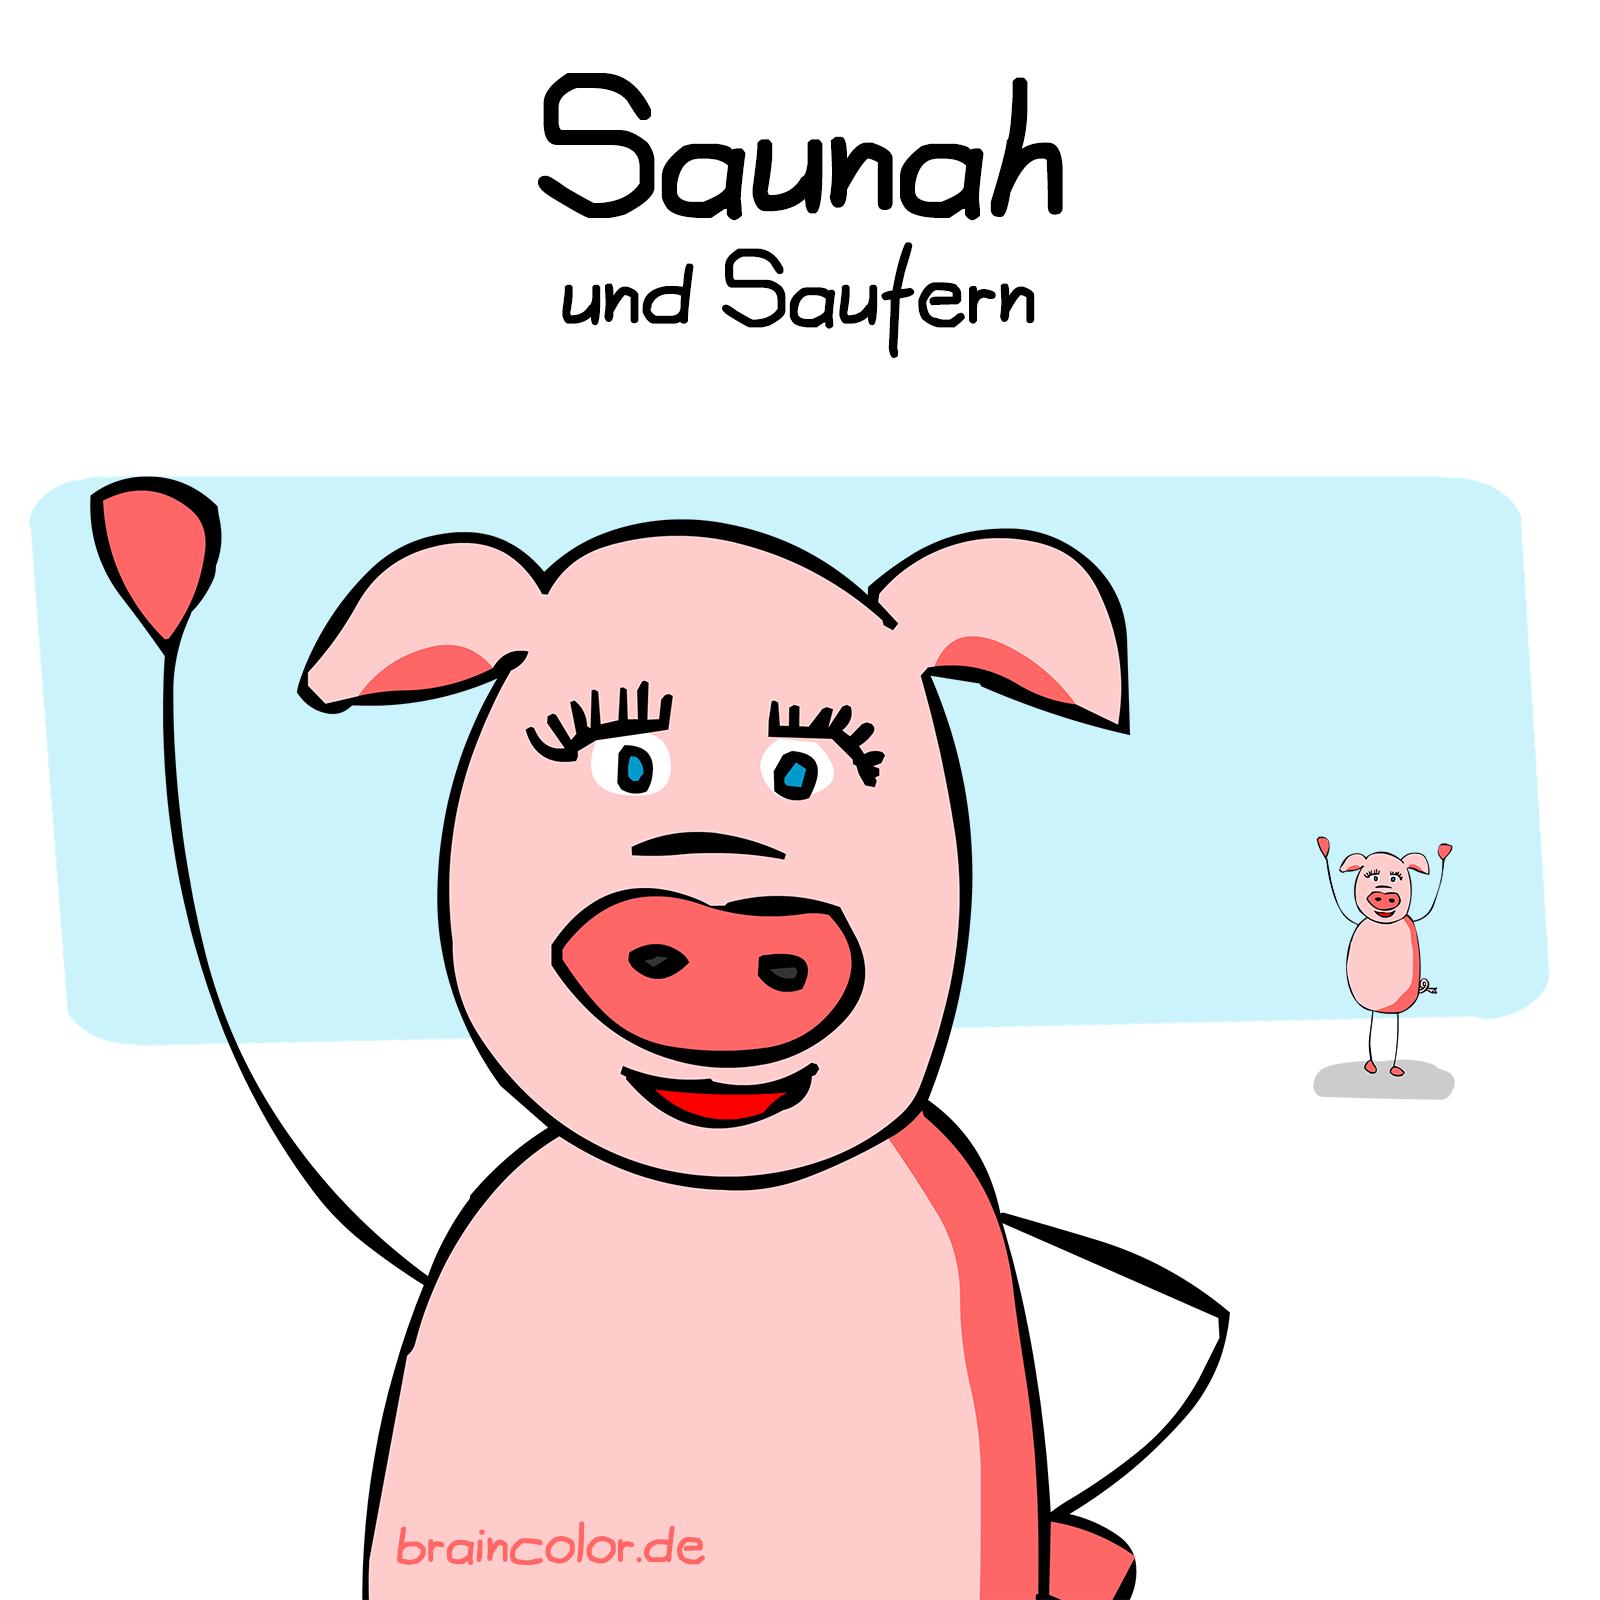 sauna #einbuchstabedaneben